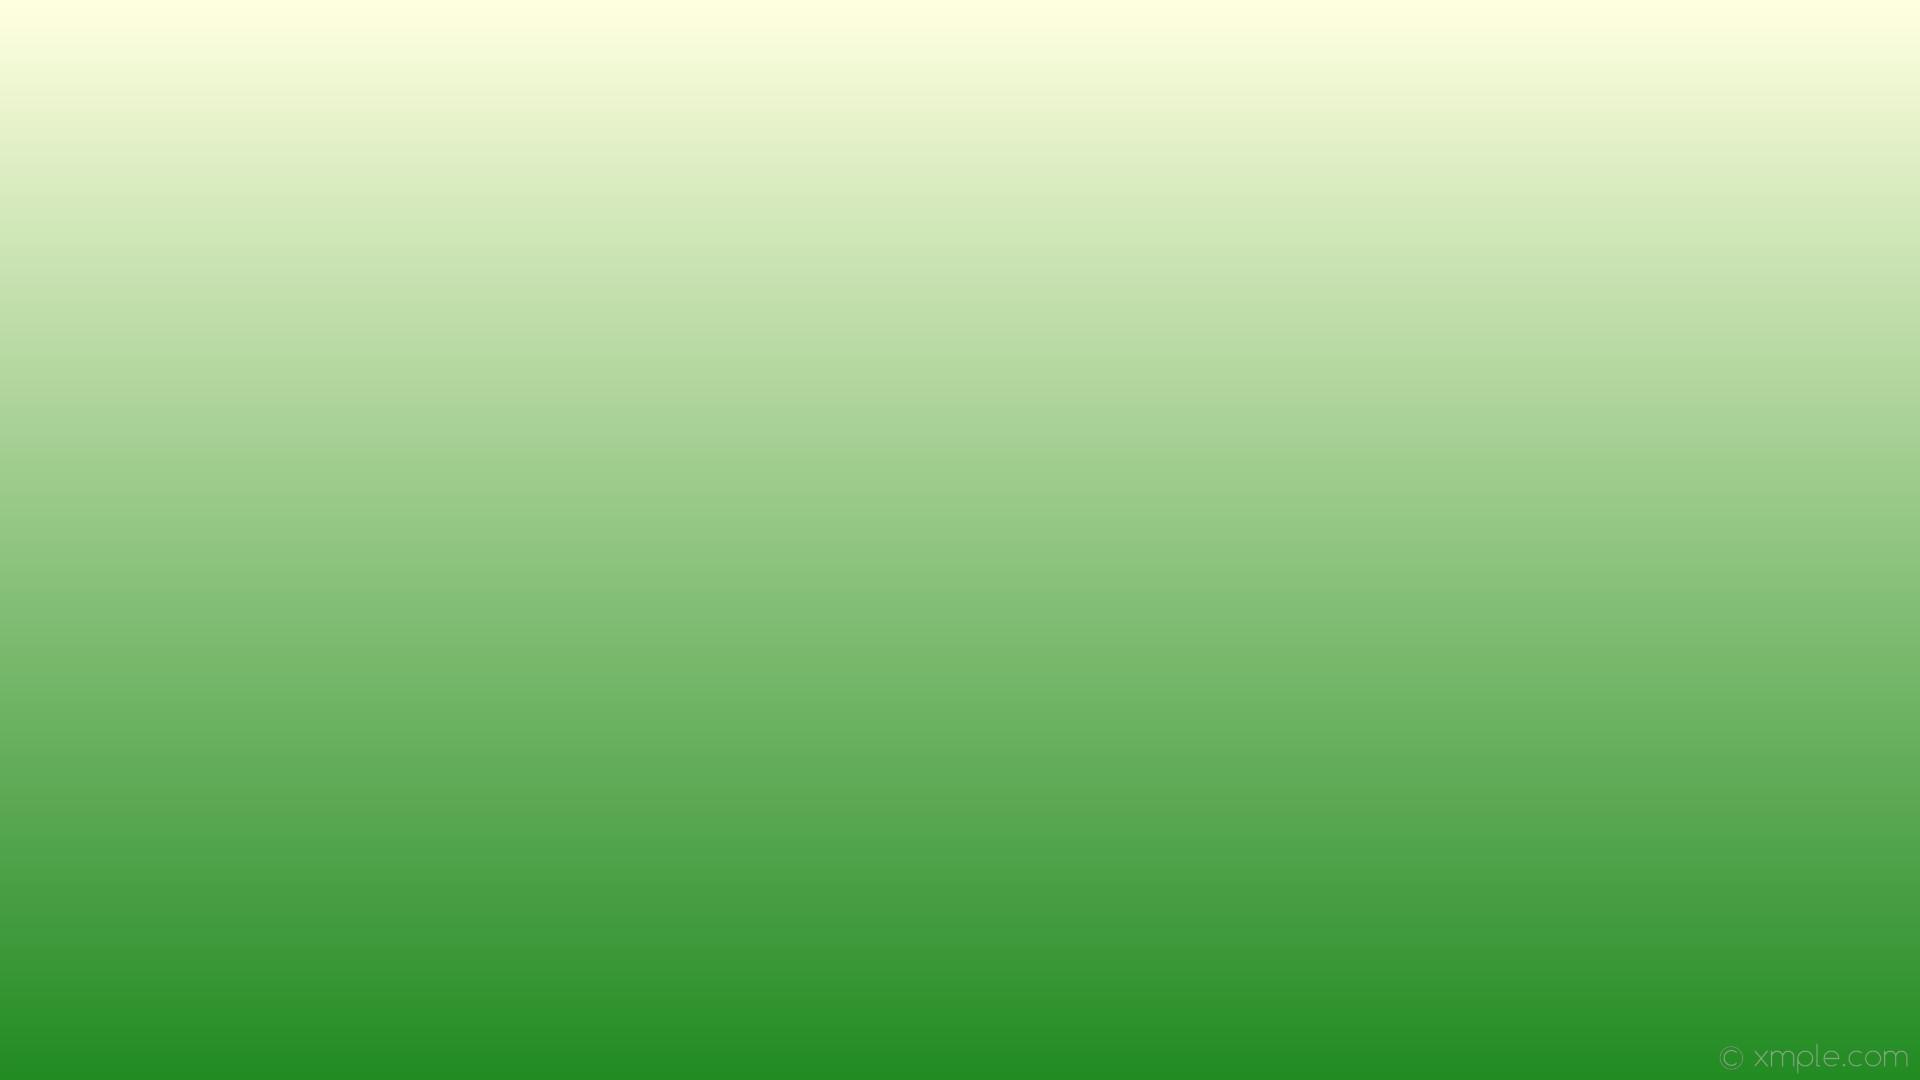 wallpaper green yellow gradient linear light yellow forest green #ffffe0  #228b22 90°